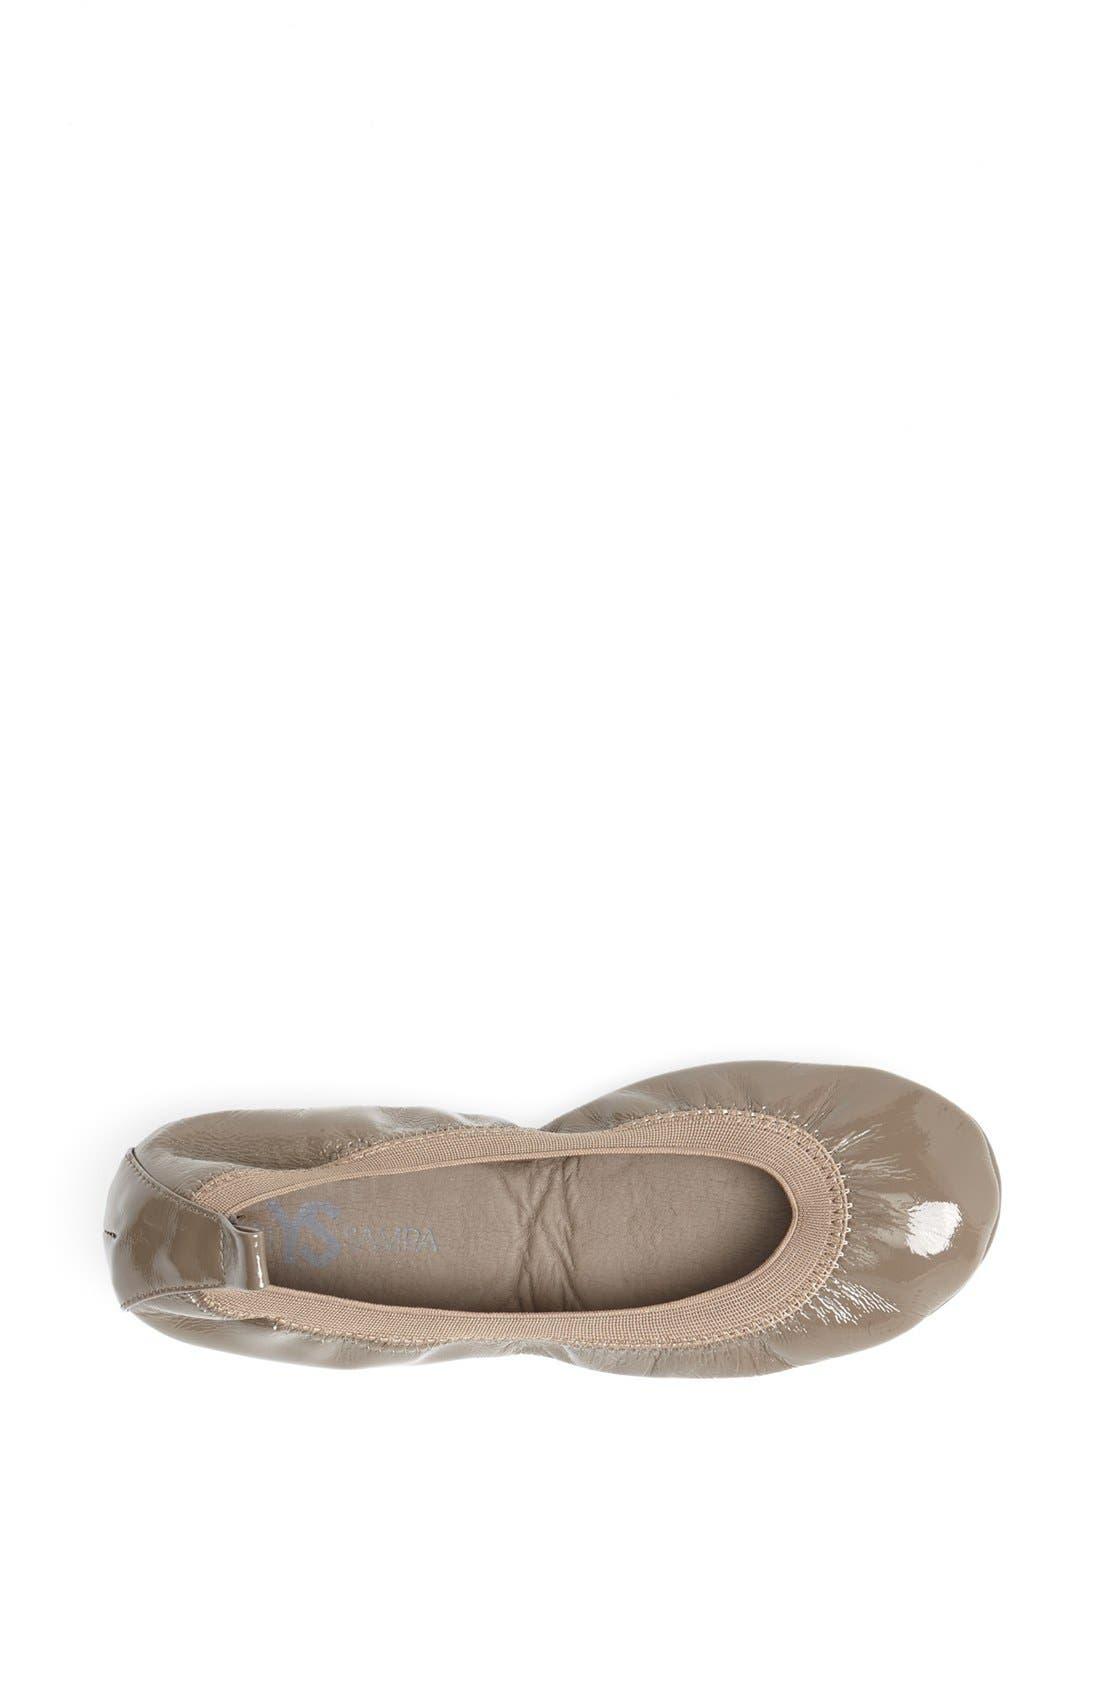 Alternate Image 3  - Yosi Samra Foldable Ballet Flat